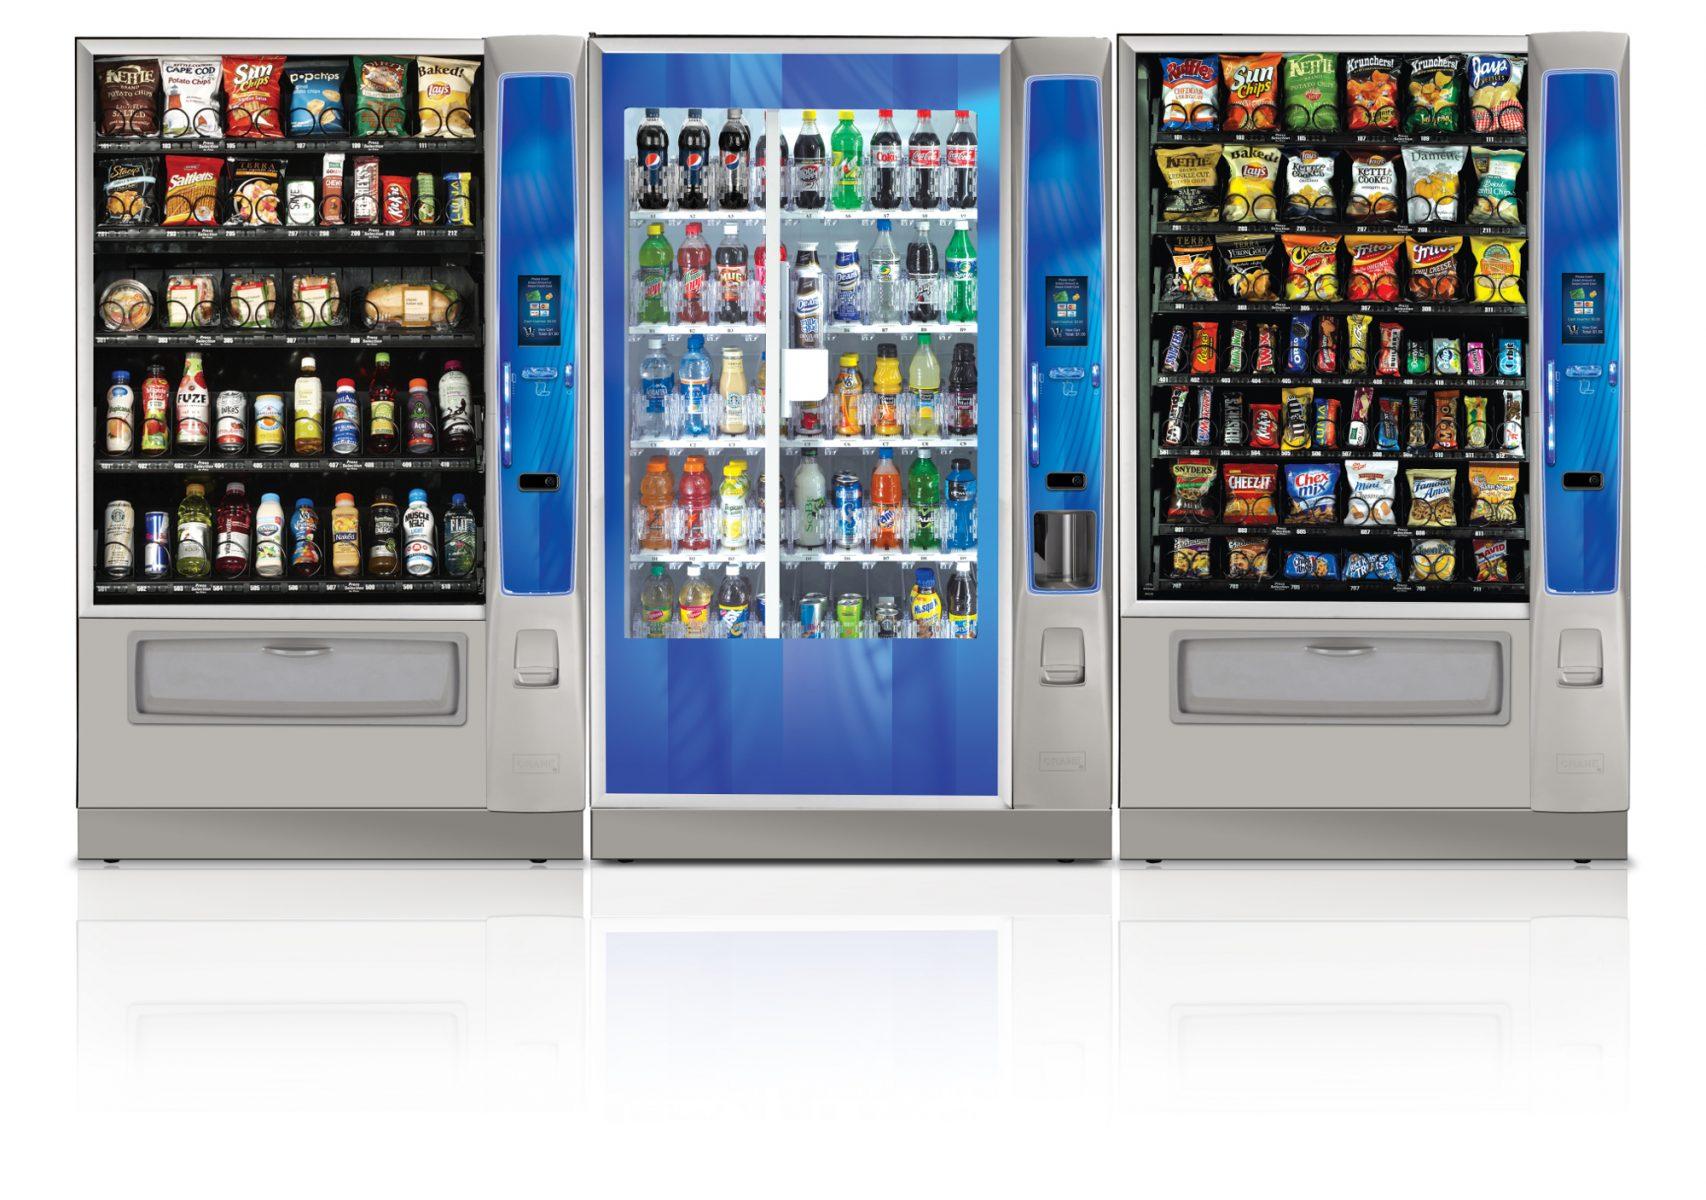 Nashville Vending | Micro-Markets | Nashville Vending Machines | Foods | Snacks | Beverages